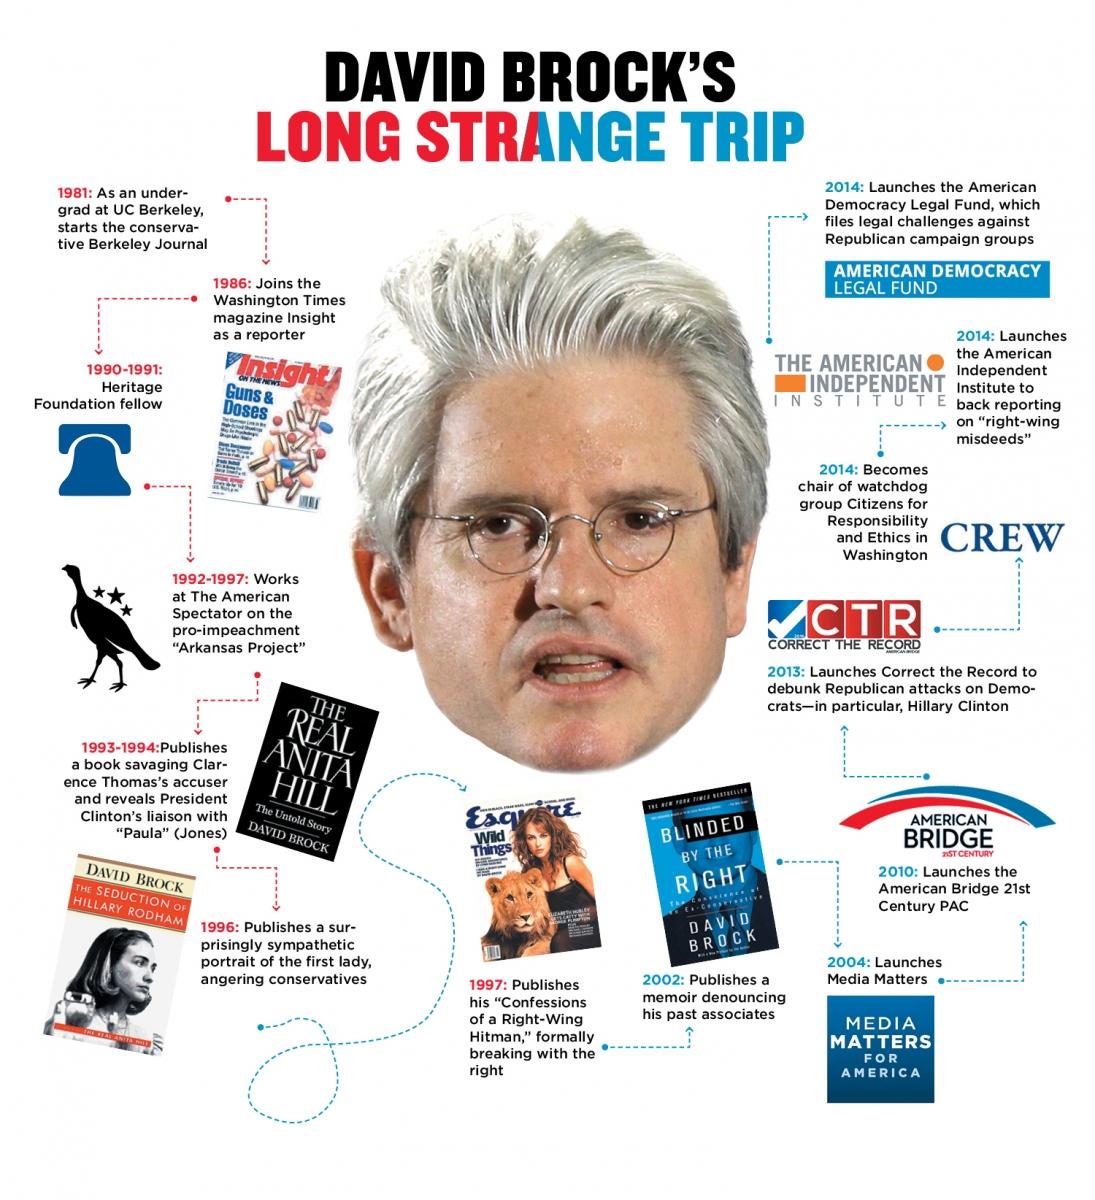 web_brock_timeline.jpg